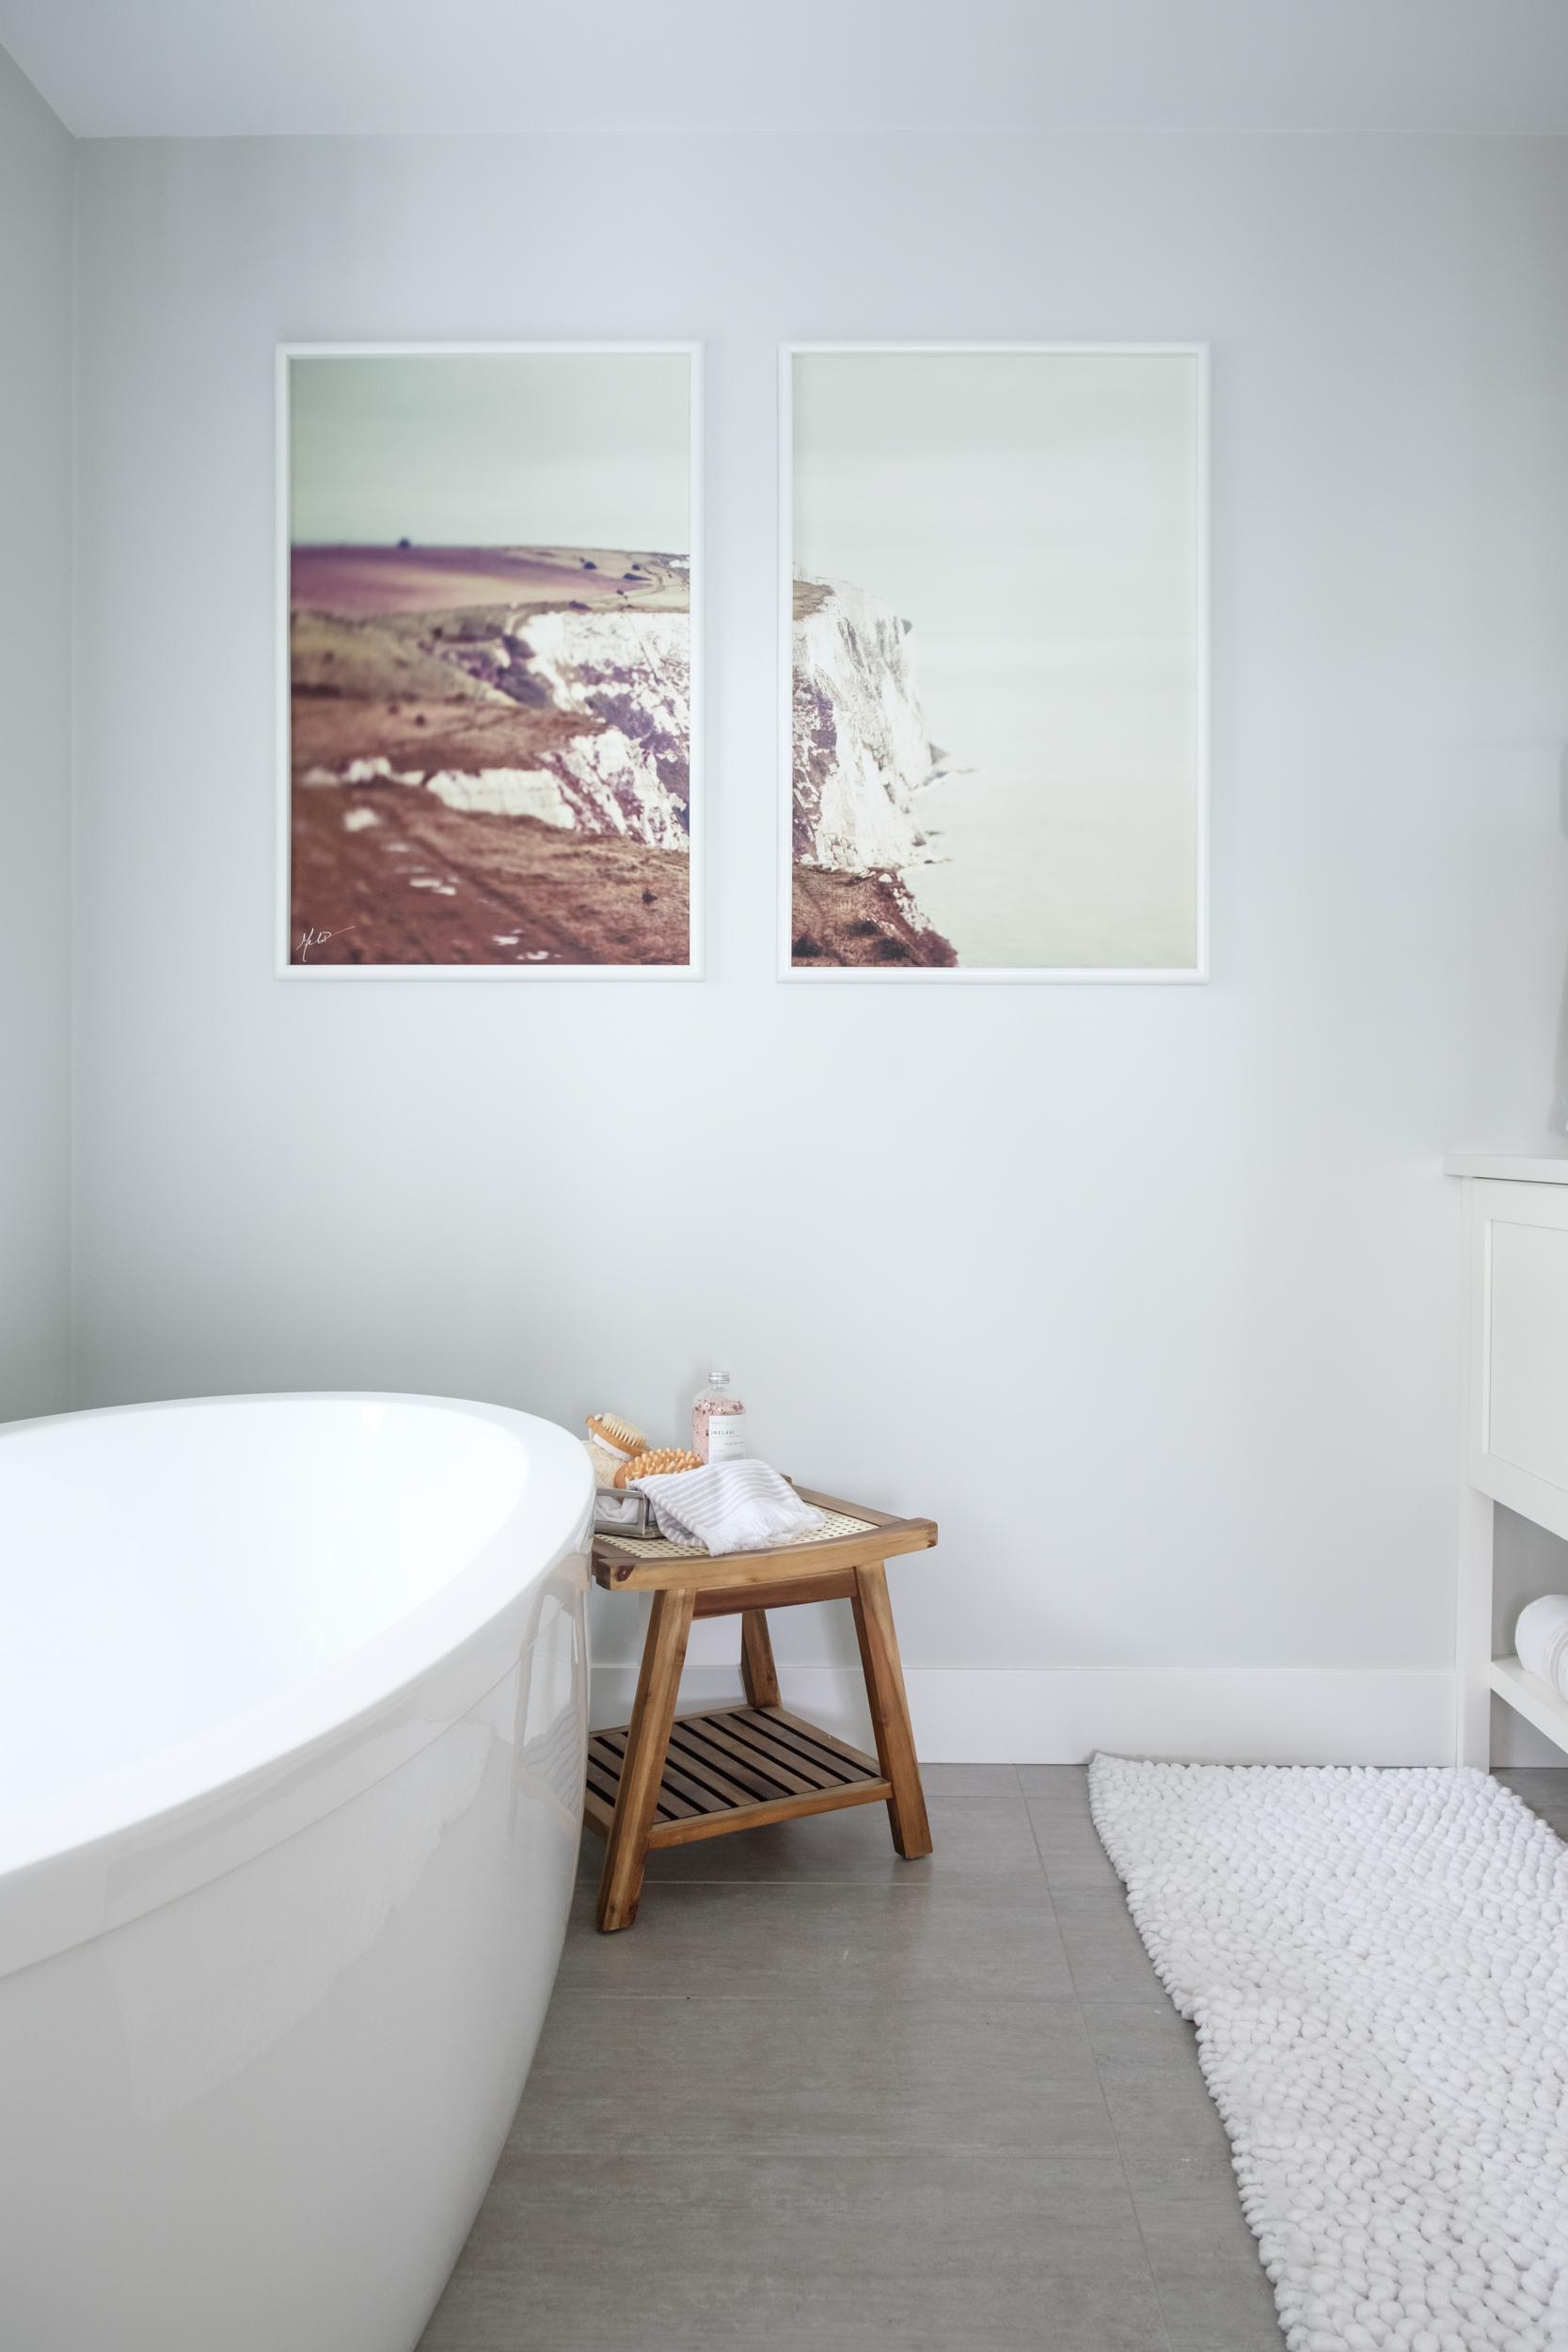 designreflektor-editorial-commercial-photopgraphy-vancouver-0250.jpg